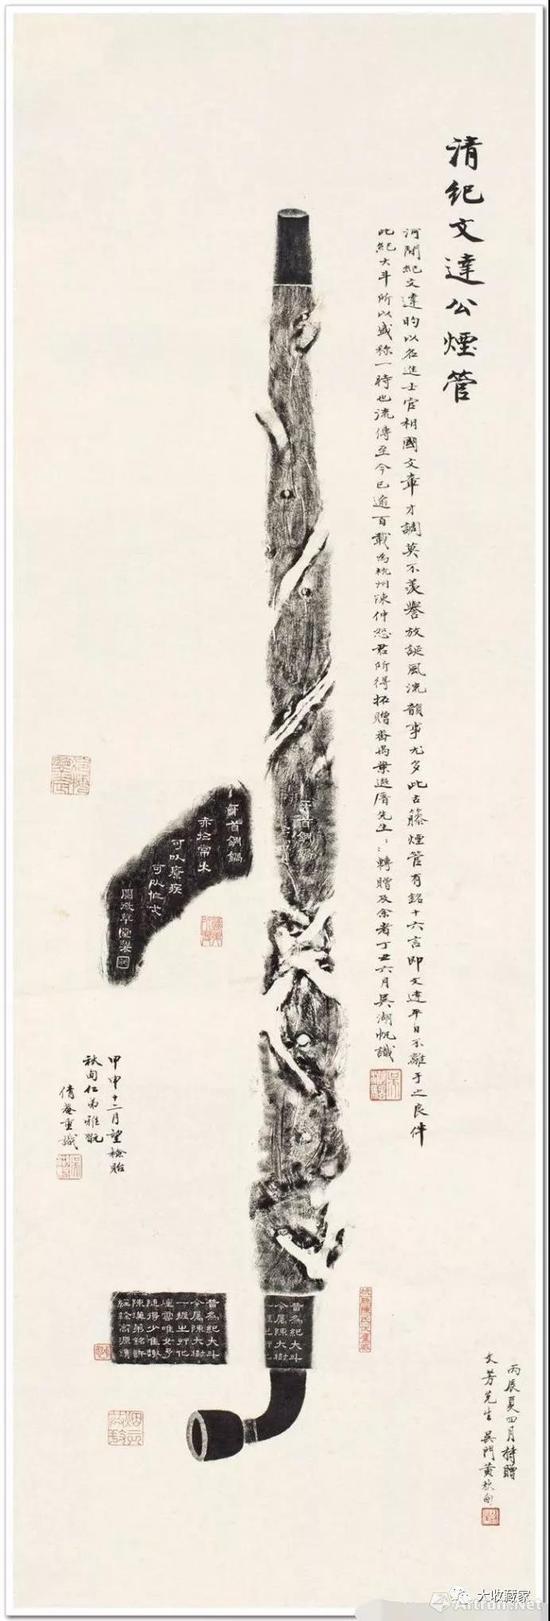 纪文达公烟管拓片 吴湖帆题跋